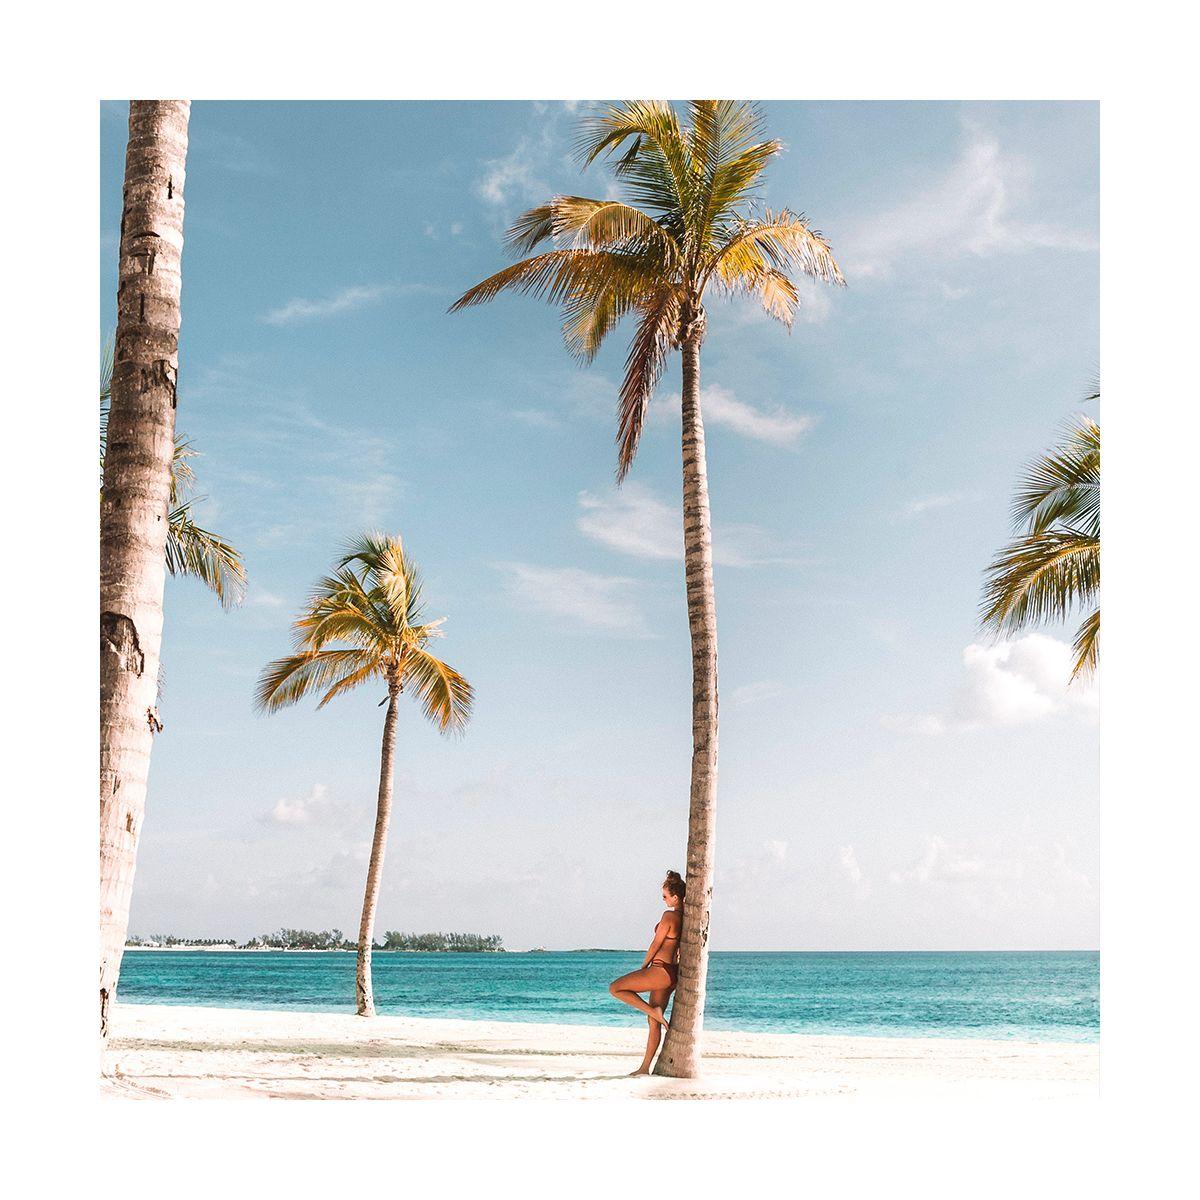 Fragrance Palm Beach